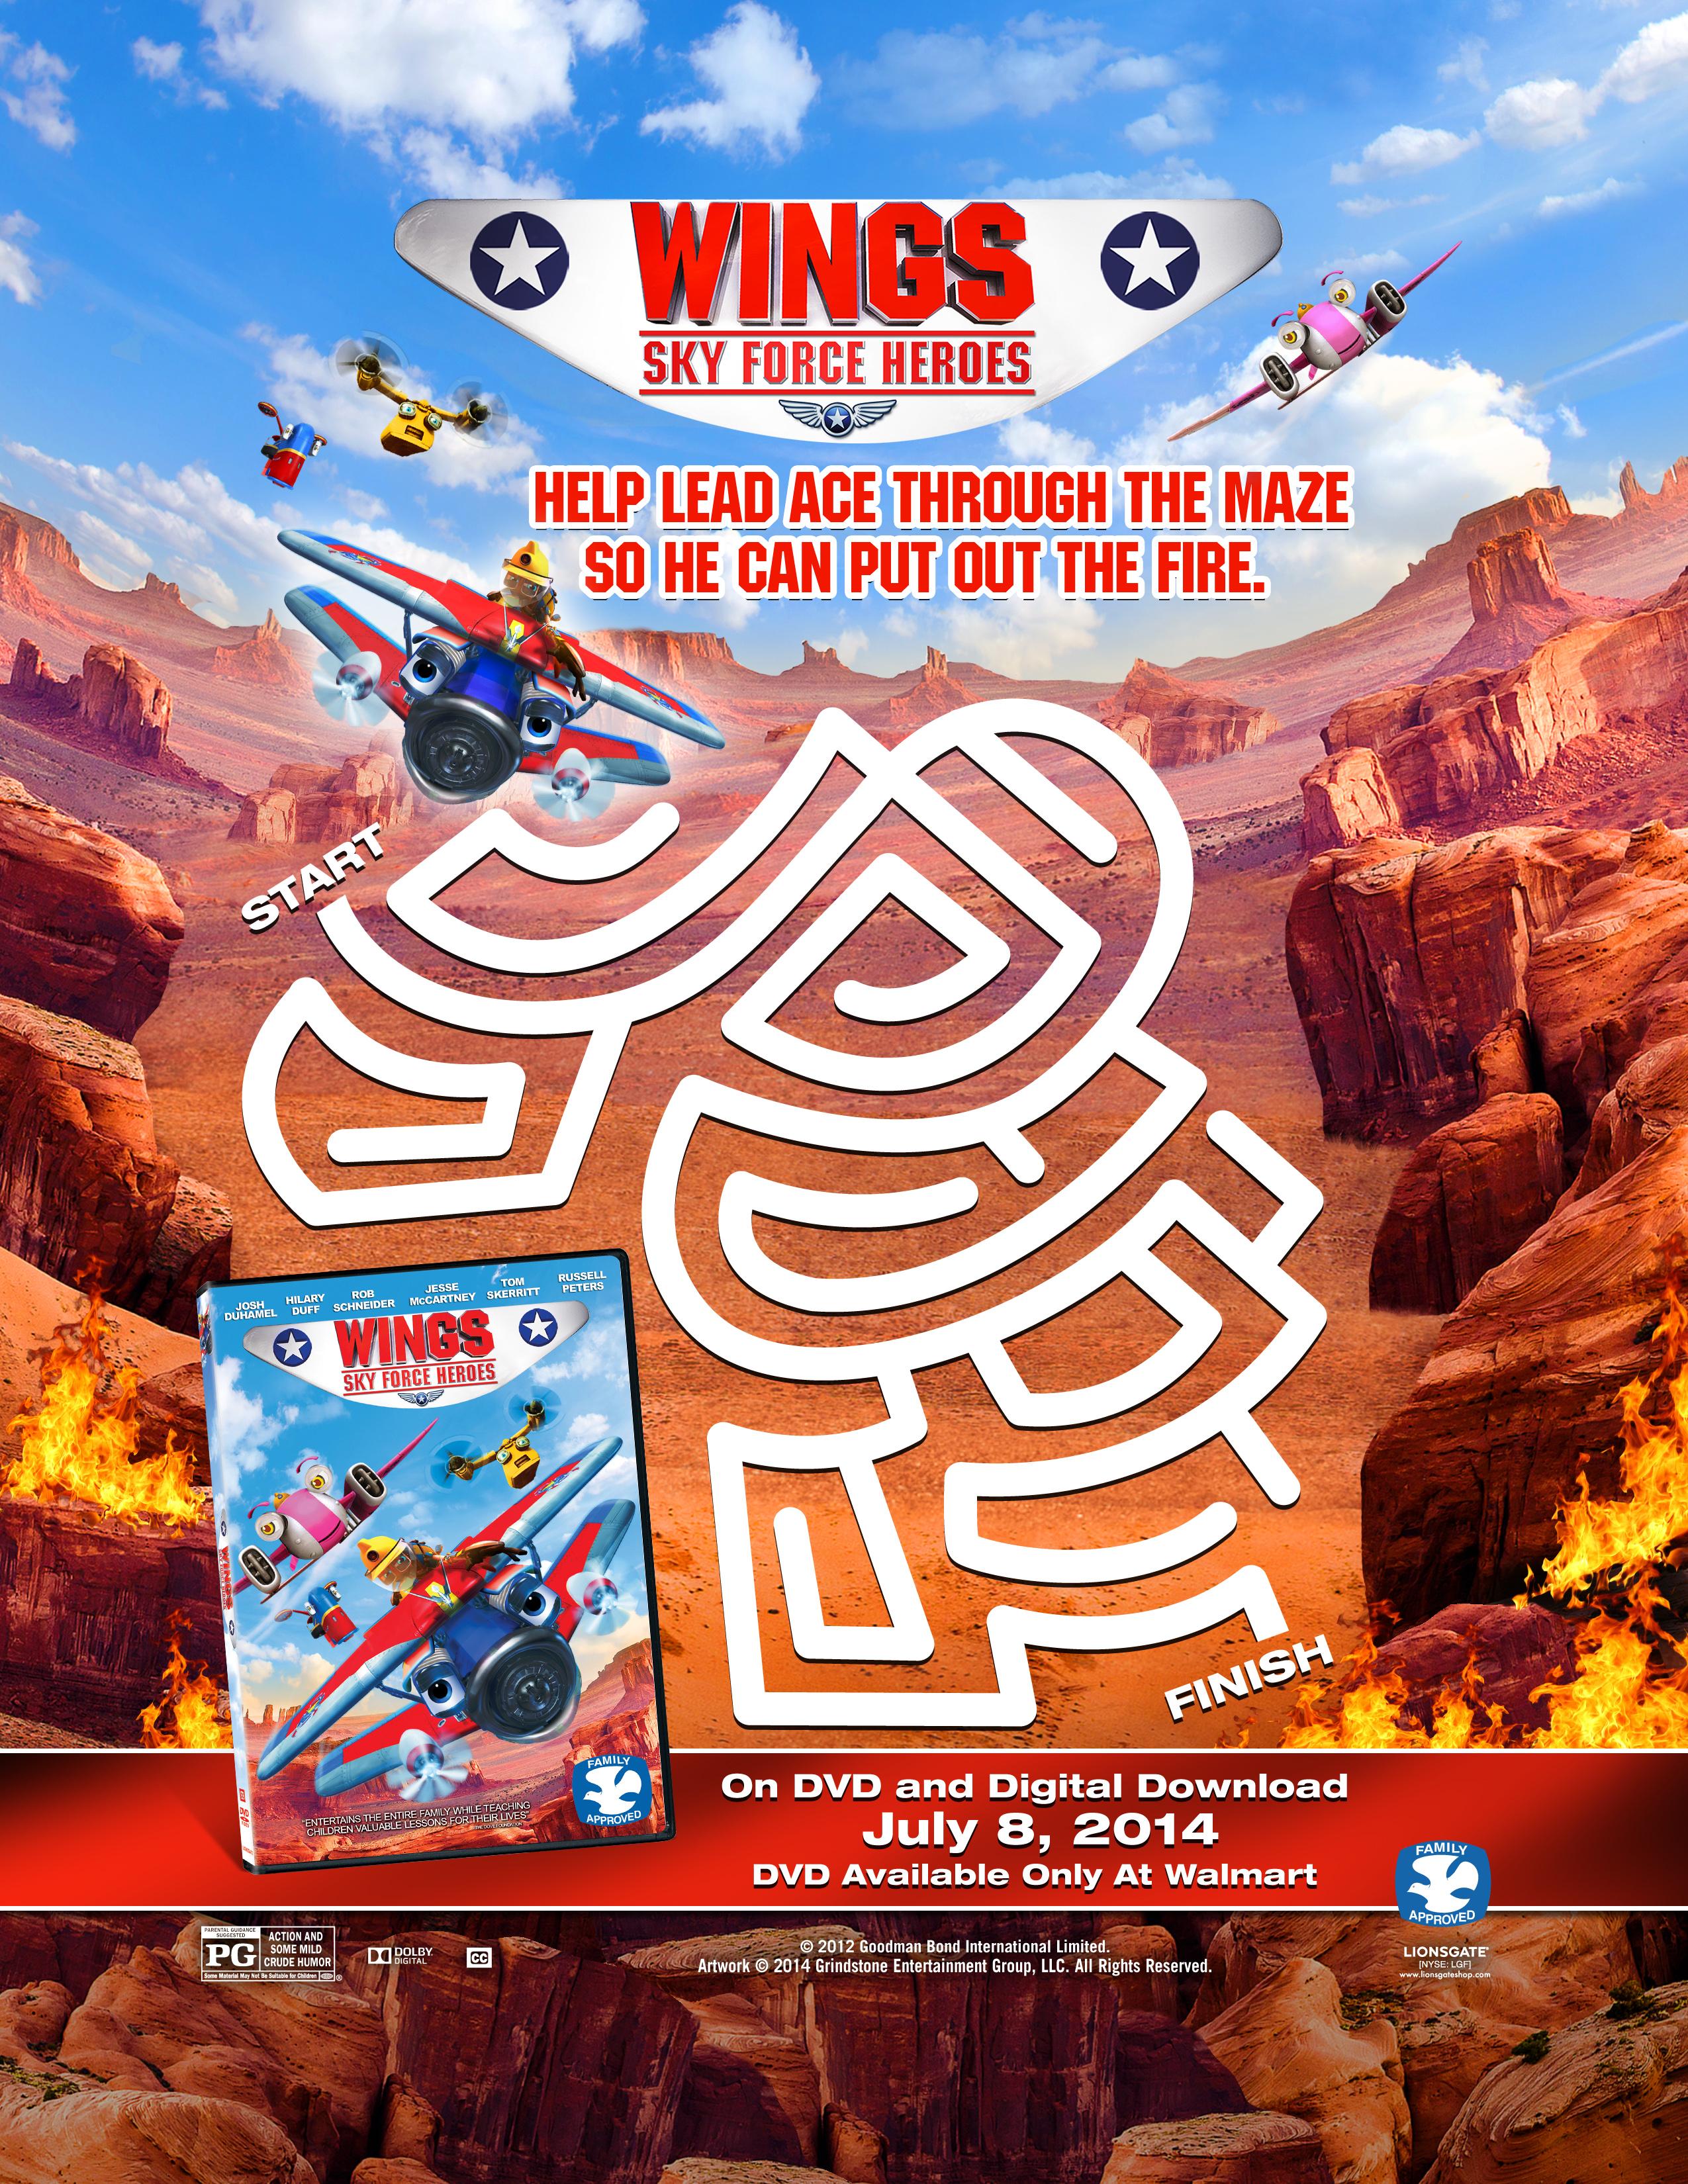 Wings Sky Force Heroes Now at Walmart